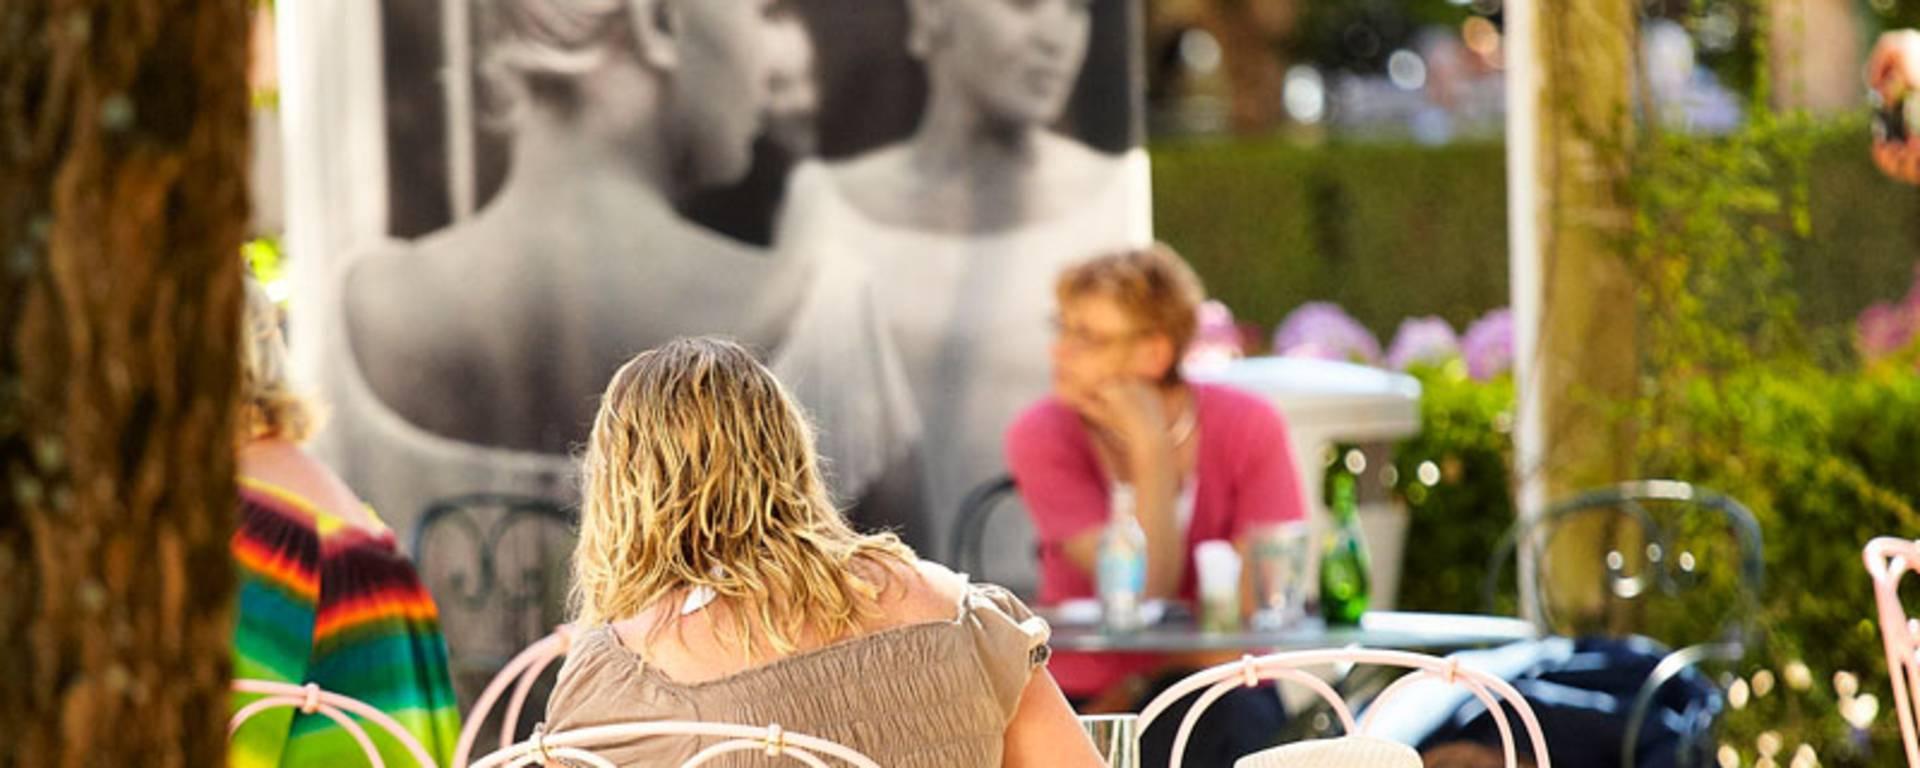 Profiter du calme du jardin Dior à Granville pour faire une pause.